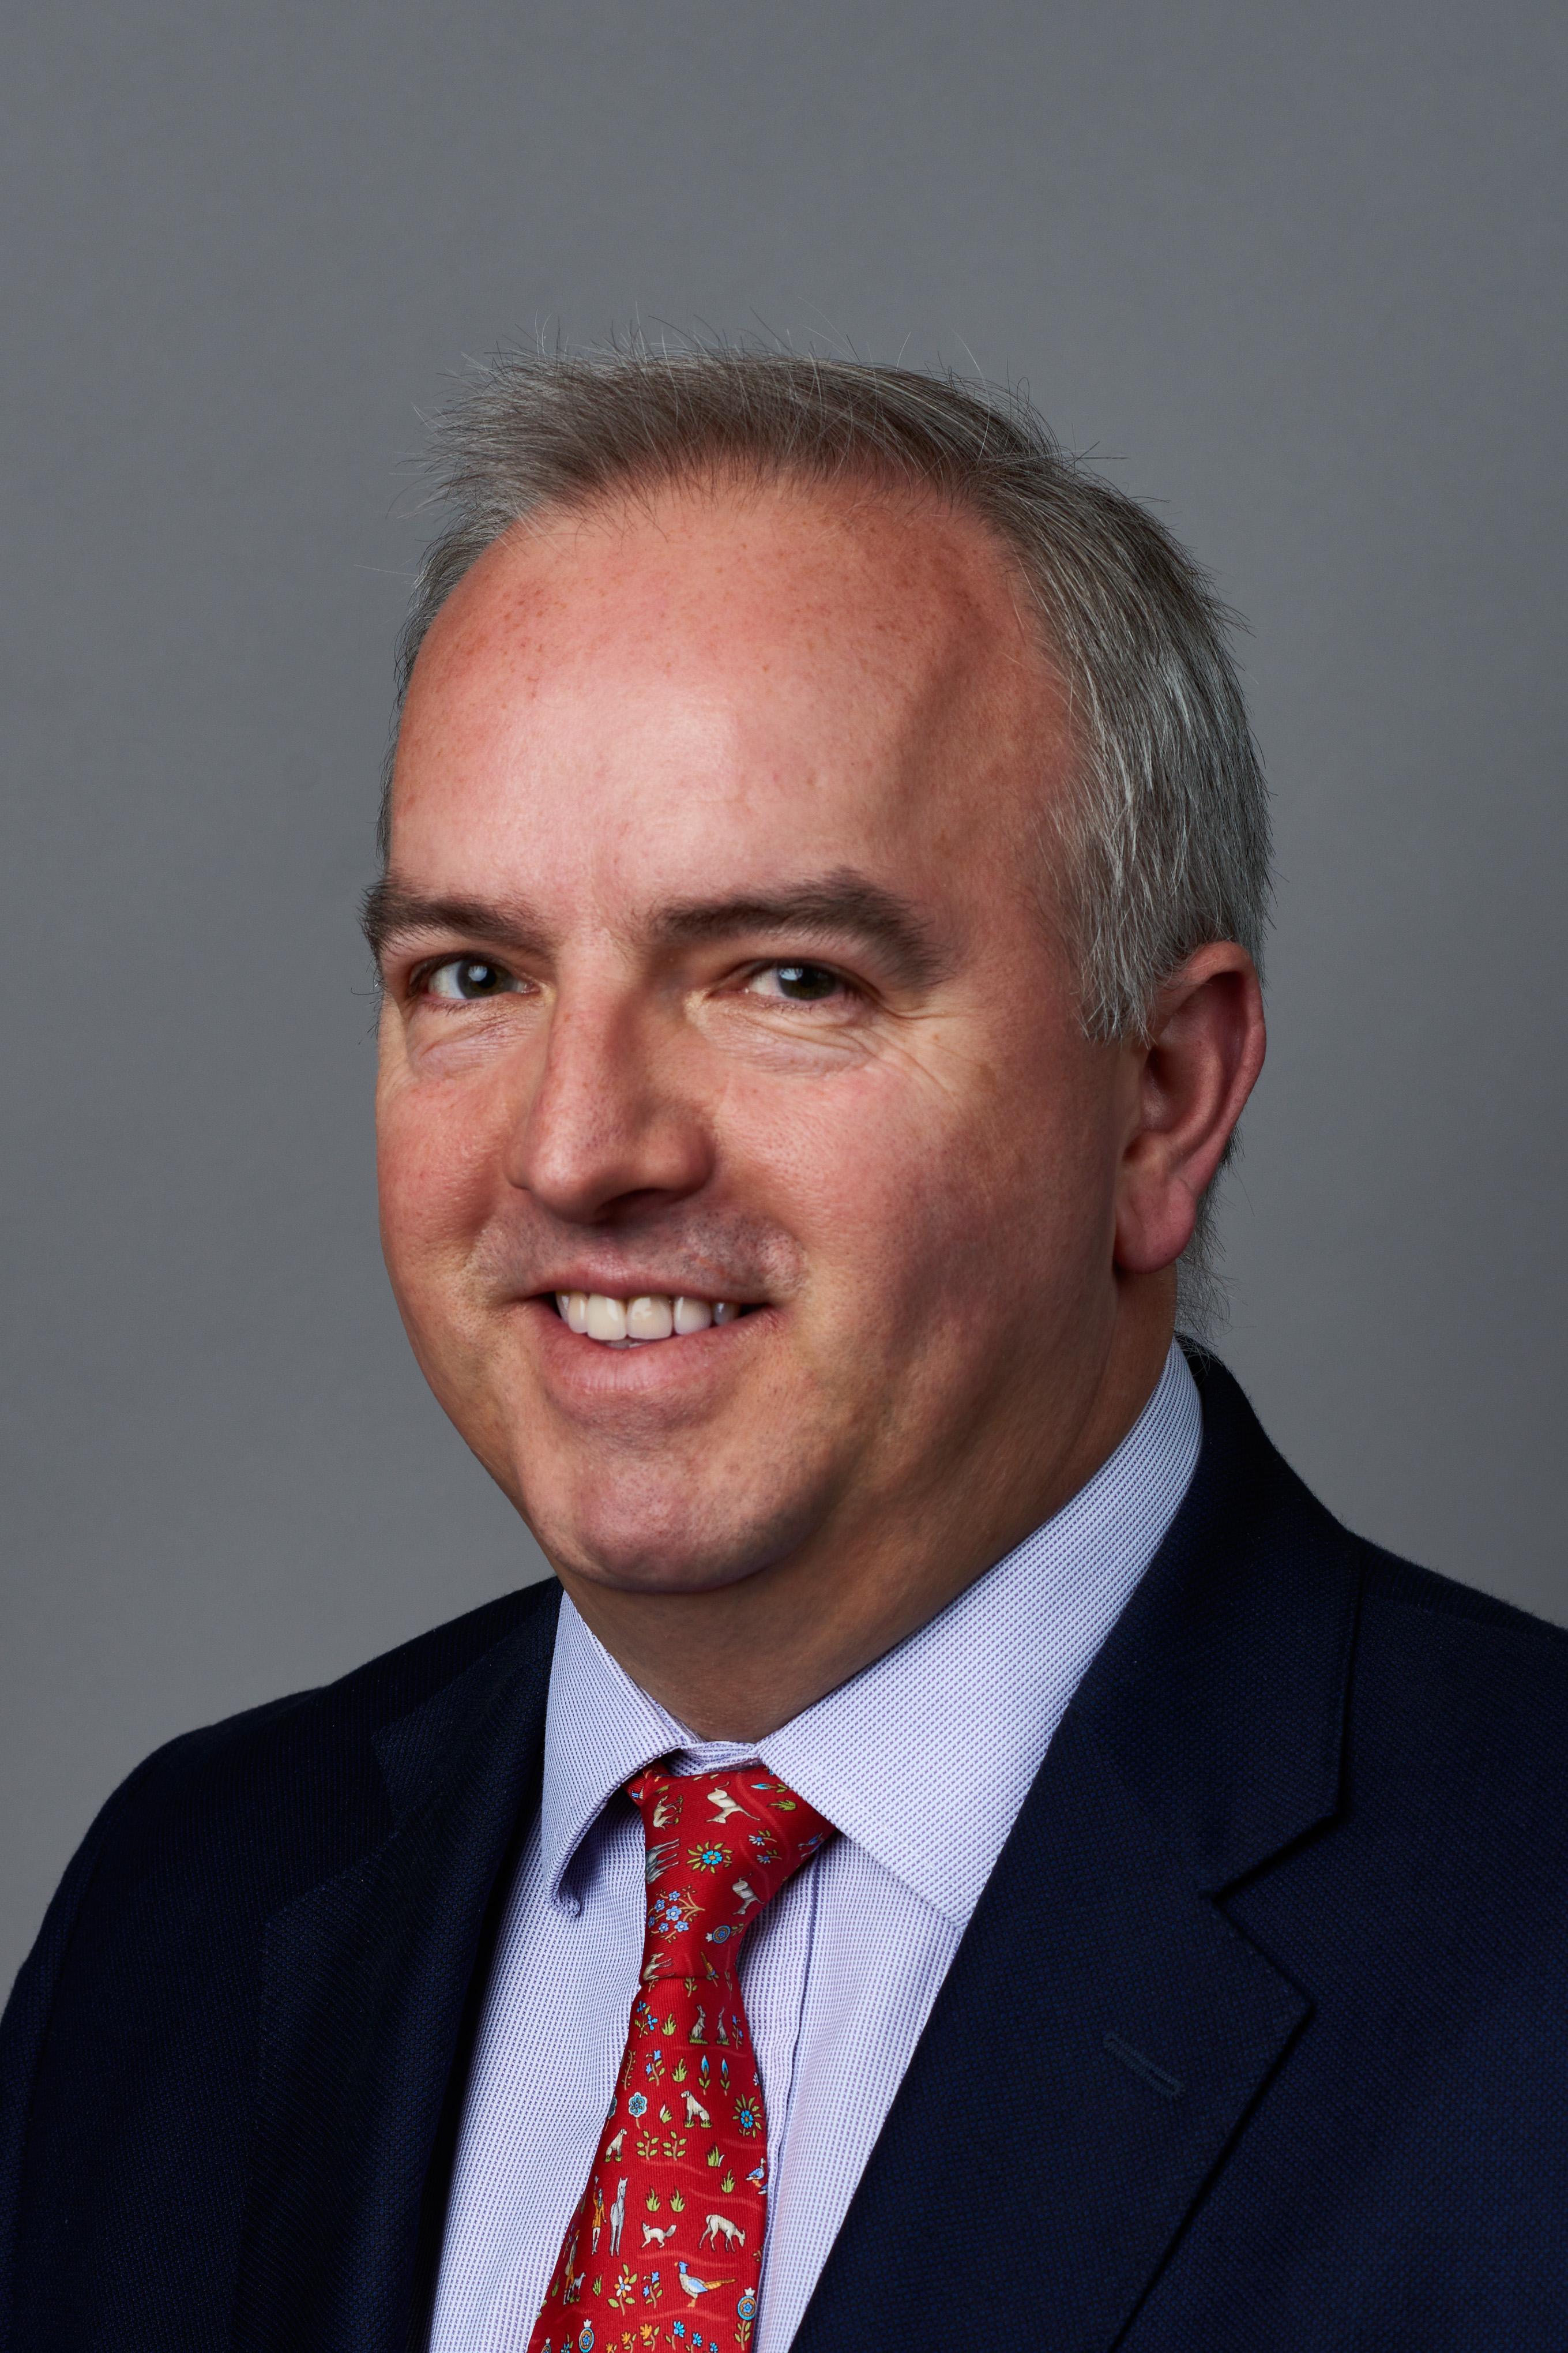 Mark Muldowney